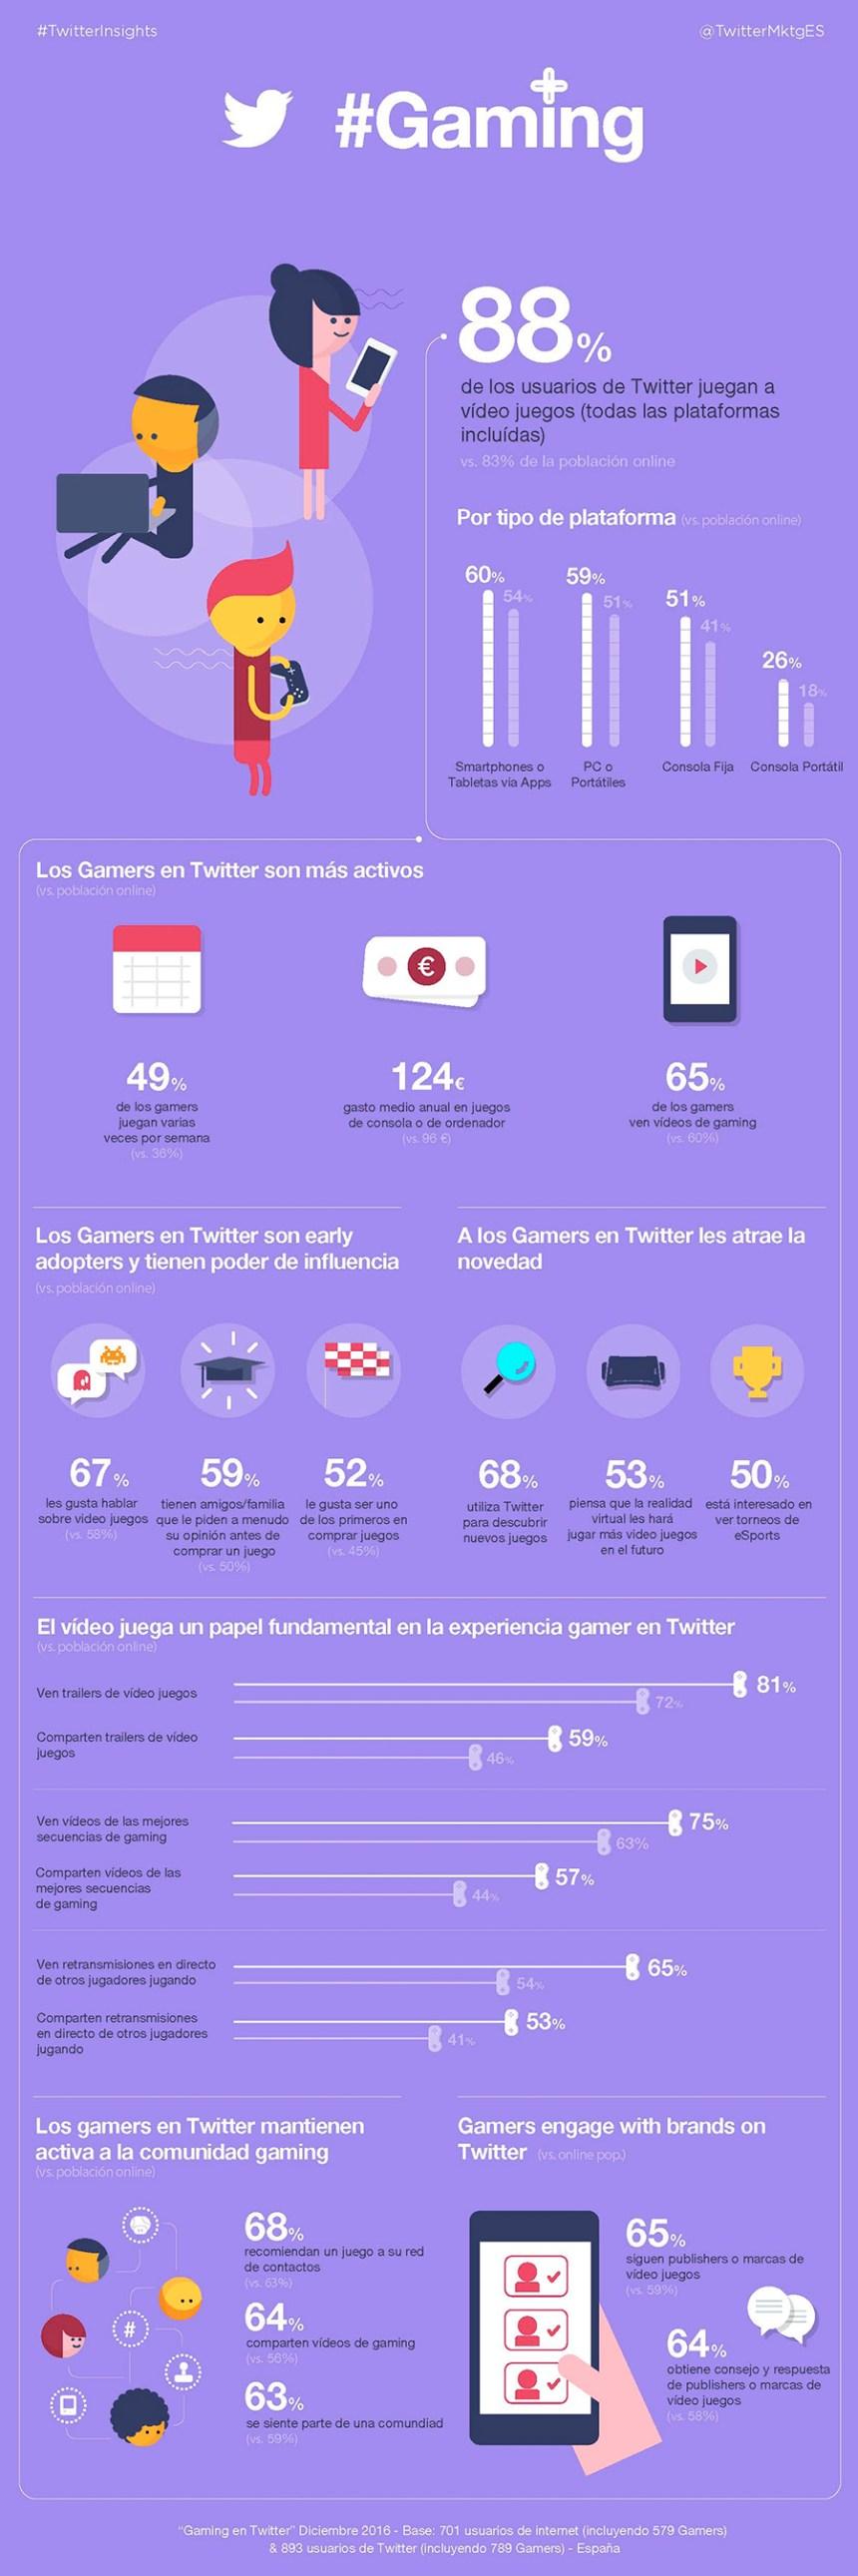 Usuarios de Twitter como influencers en videojuegos y gaming